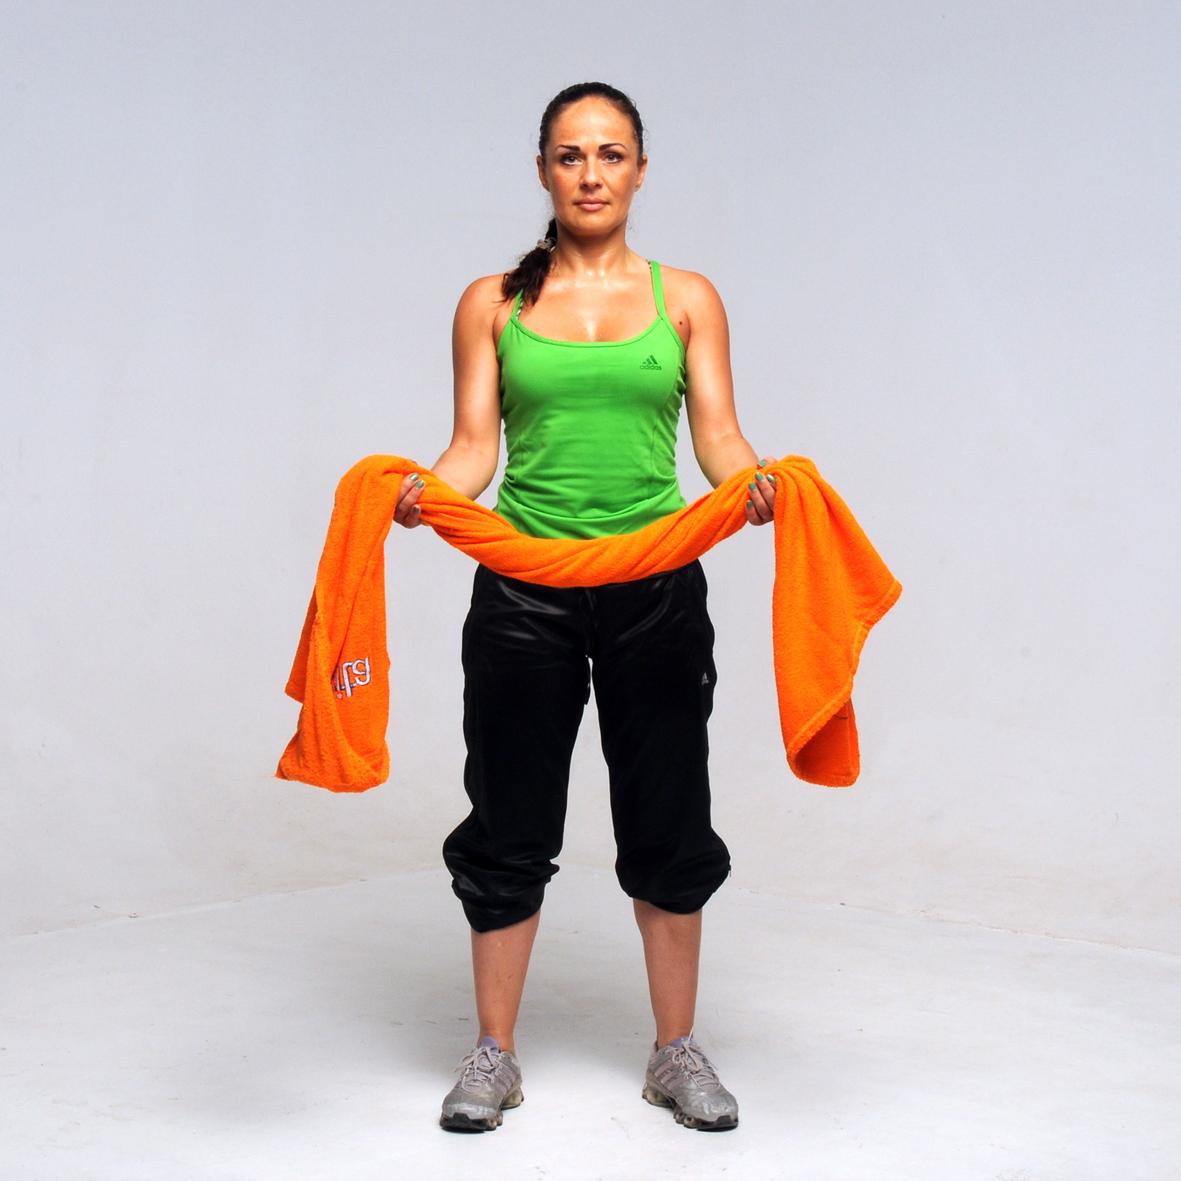 9 | Γυμνάσου με μια πετσέτα! Ασκήσεις για τέλεια χέρια...